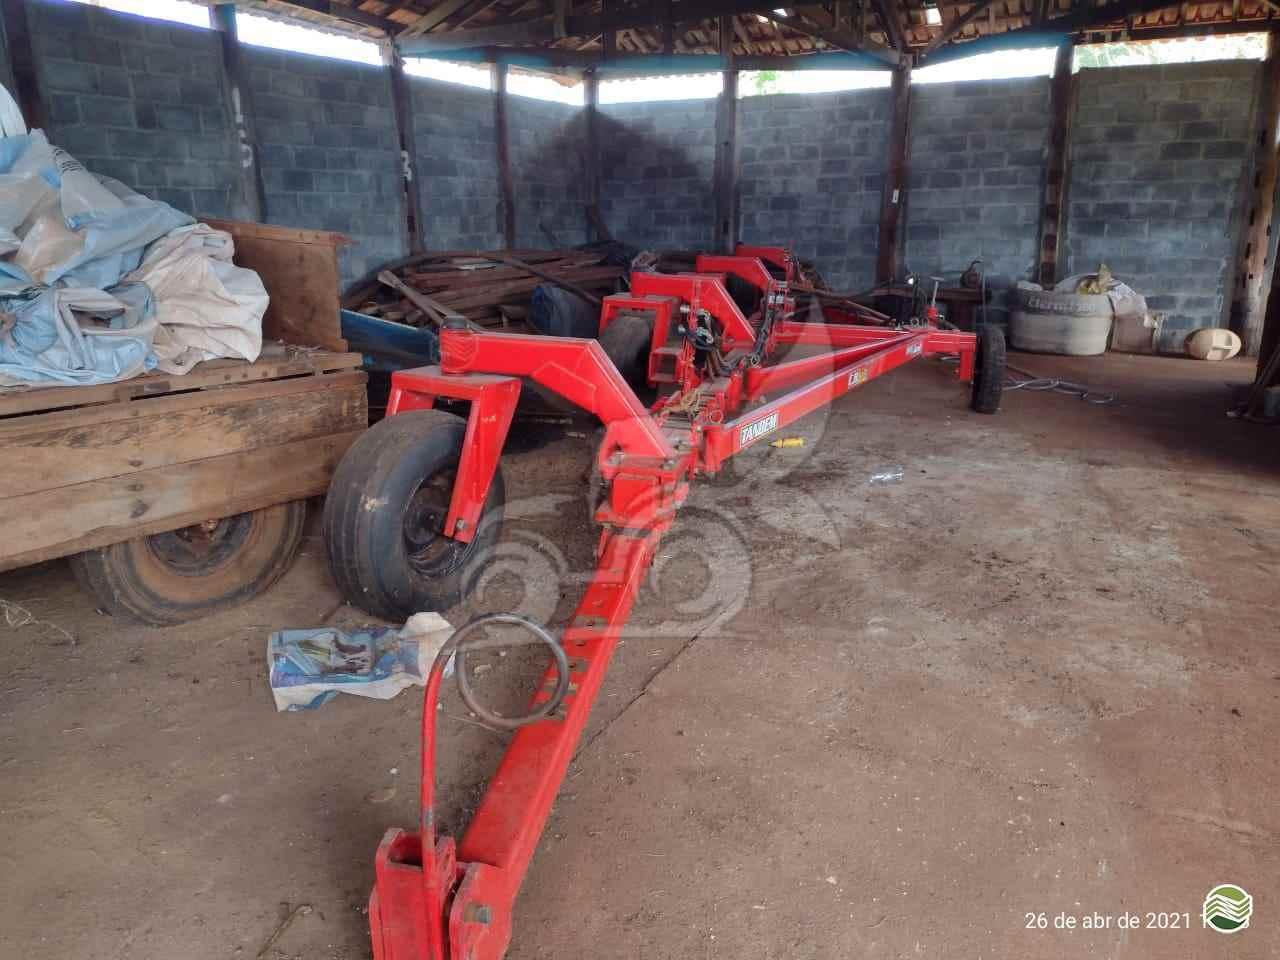 IMPLEMENTOS AGRICOLAS ACOPLAMENTO TANDEM TANDEM 2 PLANTADEIRAS EP Máquinas e Implementos Agrícolas CRISTALINA GOIAS GO